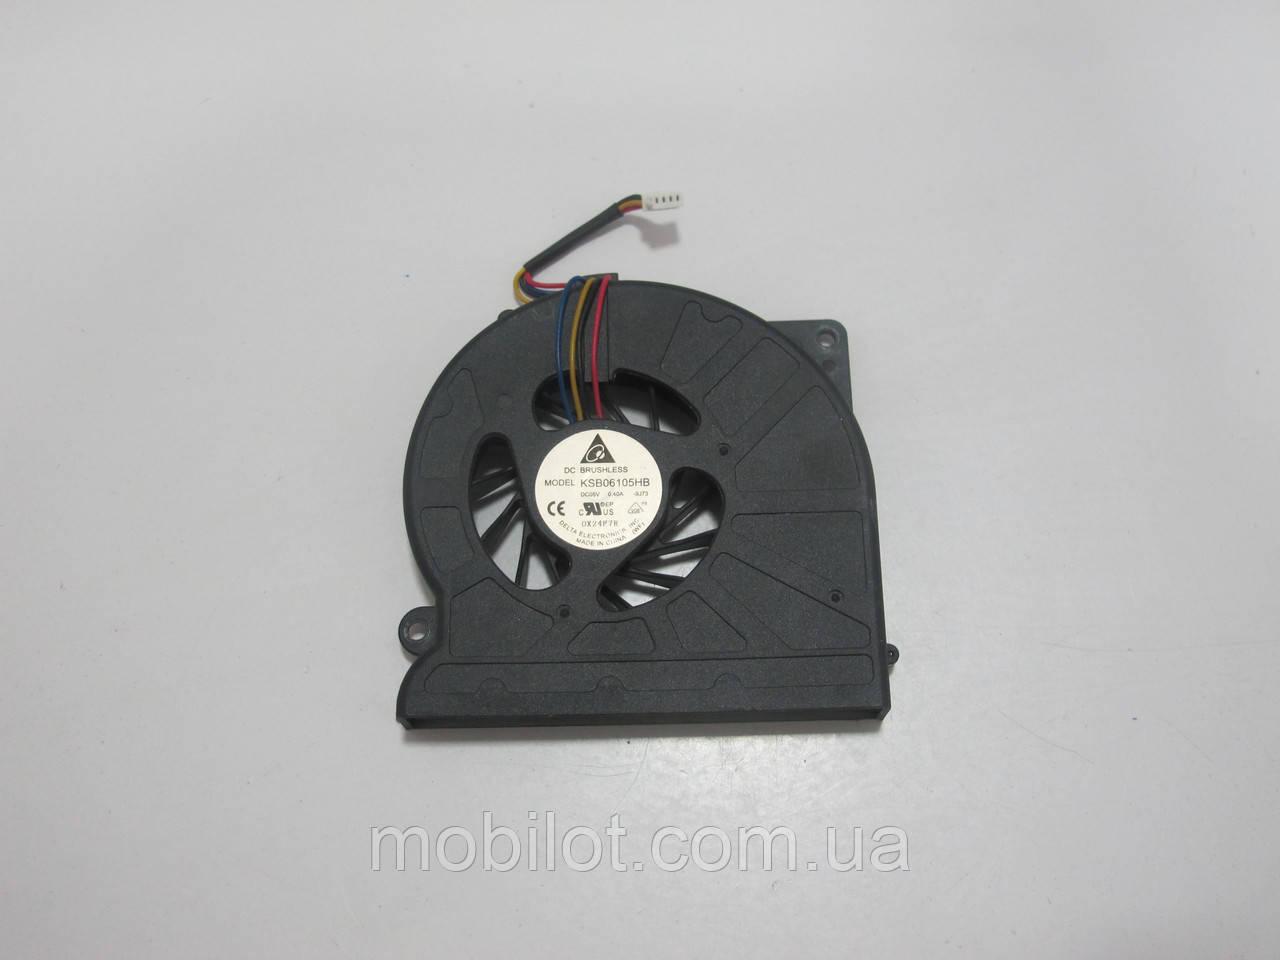 Система охлаждения (кулер) Asus N52 (NZ-5443)